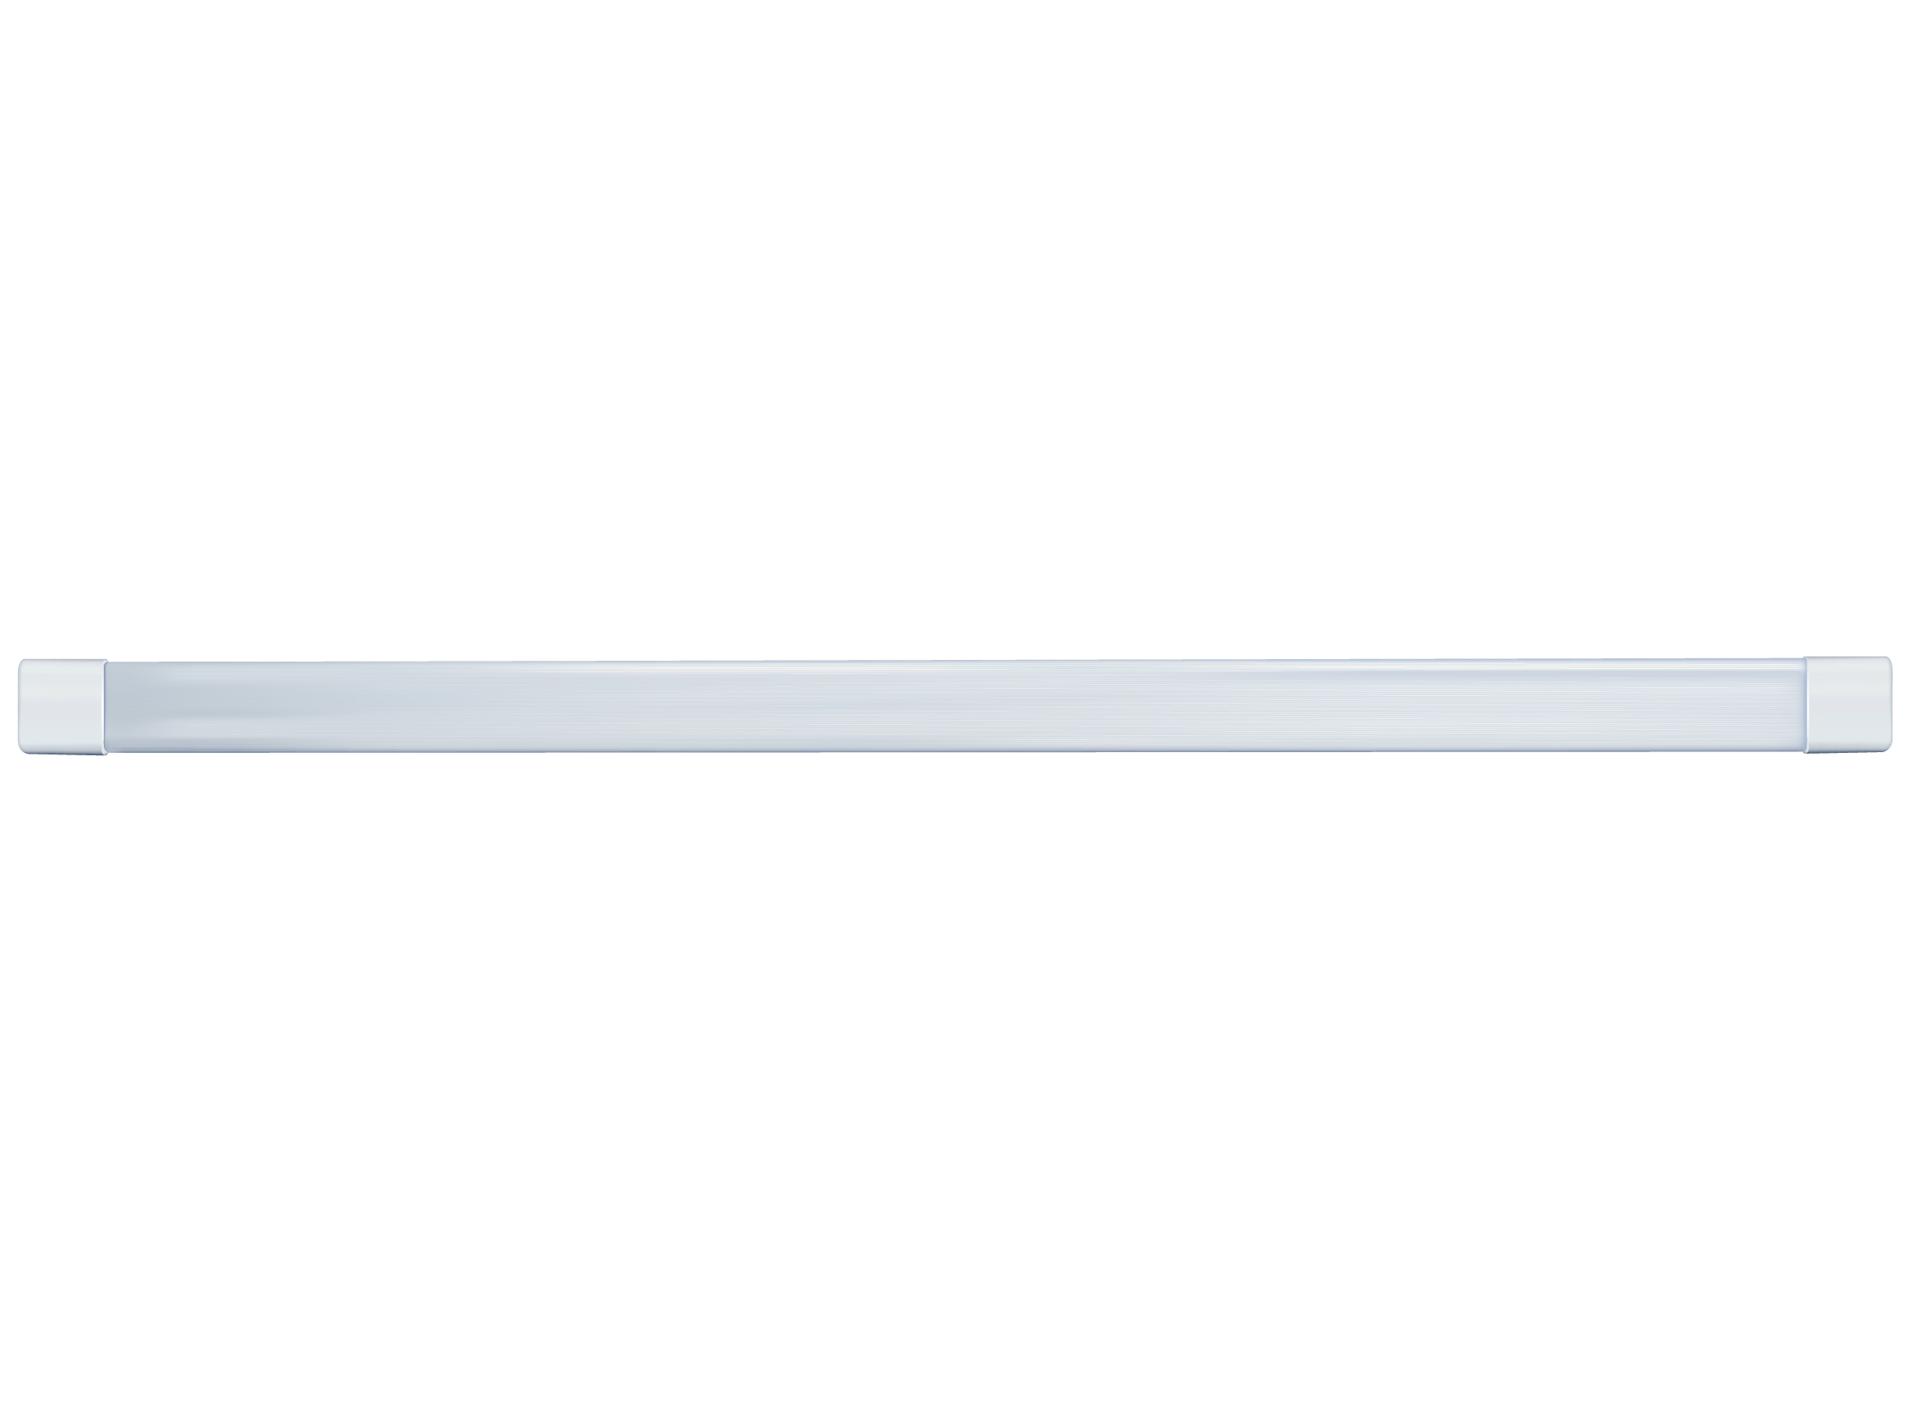 Светильник светодиодный LightPhenomenON LT-PSL-02-IP20-36W-4000КСветильники<br>Cветодиодный cветильник серии LT-PSL-02-IP20 предназначен для внутреннего освещения административно-общественных помещений. Может использоваться в офисных зданиях, торговых комплексах, в основных и вспомогательных местах общего пользования: в коридорах, на лестничных пролётах, в столовых, конференц-залах, ресторанах и т.д.<br><br>Cтрана производства: Россия<br>Гарантия: 24 месяца<br>Исполнение: Накладное<br>Источник света, светодиод: SMD 2835<br>Мощность (Вт): 36<br>Цветовая температура (К): 4000<br>Световой поток (Лм): 3100<br>Количество светодиодов: 76<br>Индекс цветопередачи (Ra): &amp;gt;70<br>Угол освещения (град): &amp;gt;120<br>Ресурс работы (ч): 30000<br>Коэффициент мощности (PF): &amp;gt;0,8<br>Коэффициент пульсации (%): &amp;lt;1<br>Класс защиты от влаги и пыли: IP20<br>Класс защиты от поражения током: I<br>Климатическое исполнение: УХЛ4<br>Диапазон рабочих температур (°С): +5…+45<br>Материал корпуса: Поликарбонат антивандальный<br>Цвет корпуса: Белый<br>Материал плафона: Поликарбонат антивандальный<br>Класс энергоэфективности: A<br>Входное напряжение (В): 180-240<br>Габаритные размеры (мм): 1200х60х26<br>Вес (кг): 0,3<br>brutto-demissions: 60х1200х26<br>brutto-weight: 300